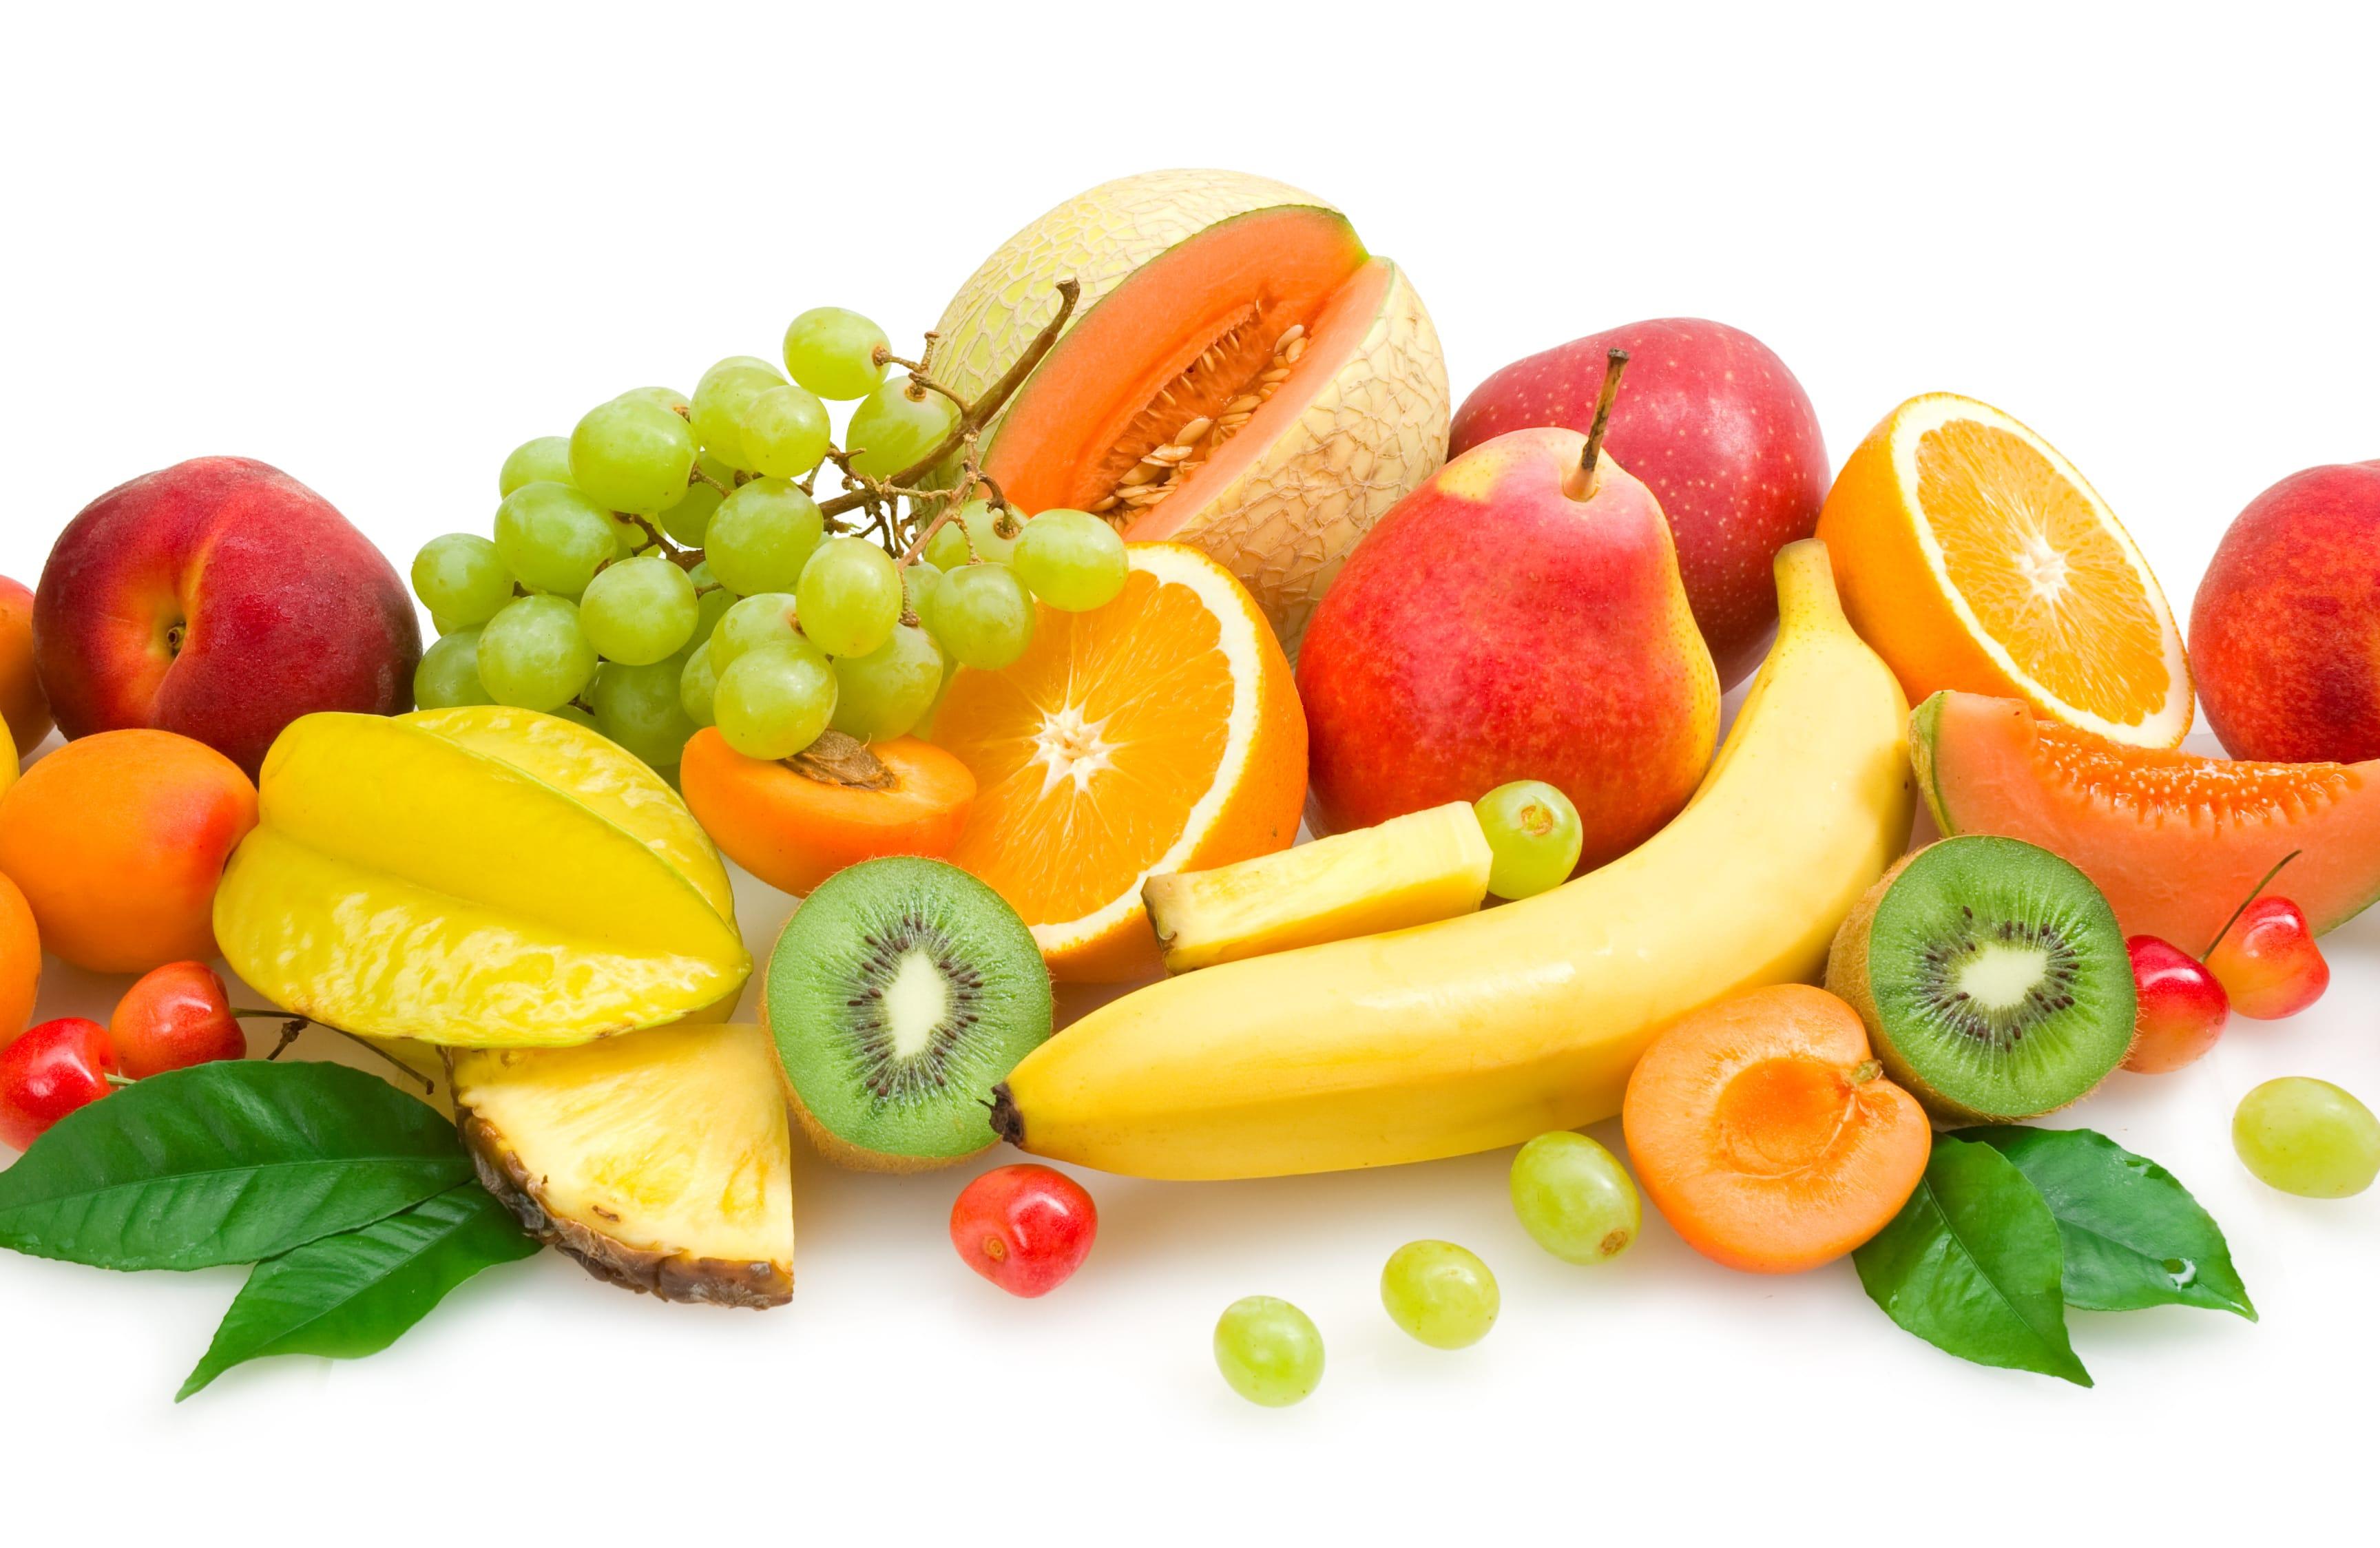 Proprietà frutta e verdura in base al colore - Non Sprecare